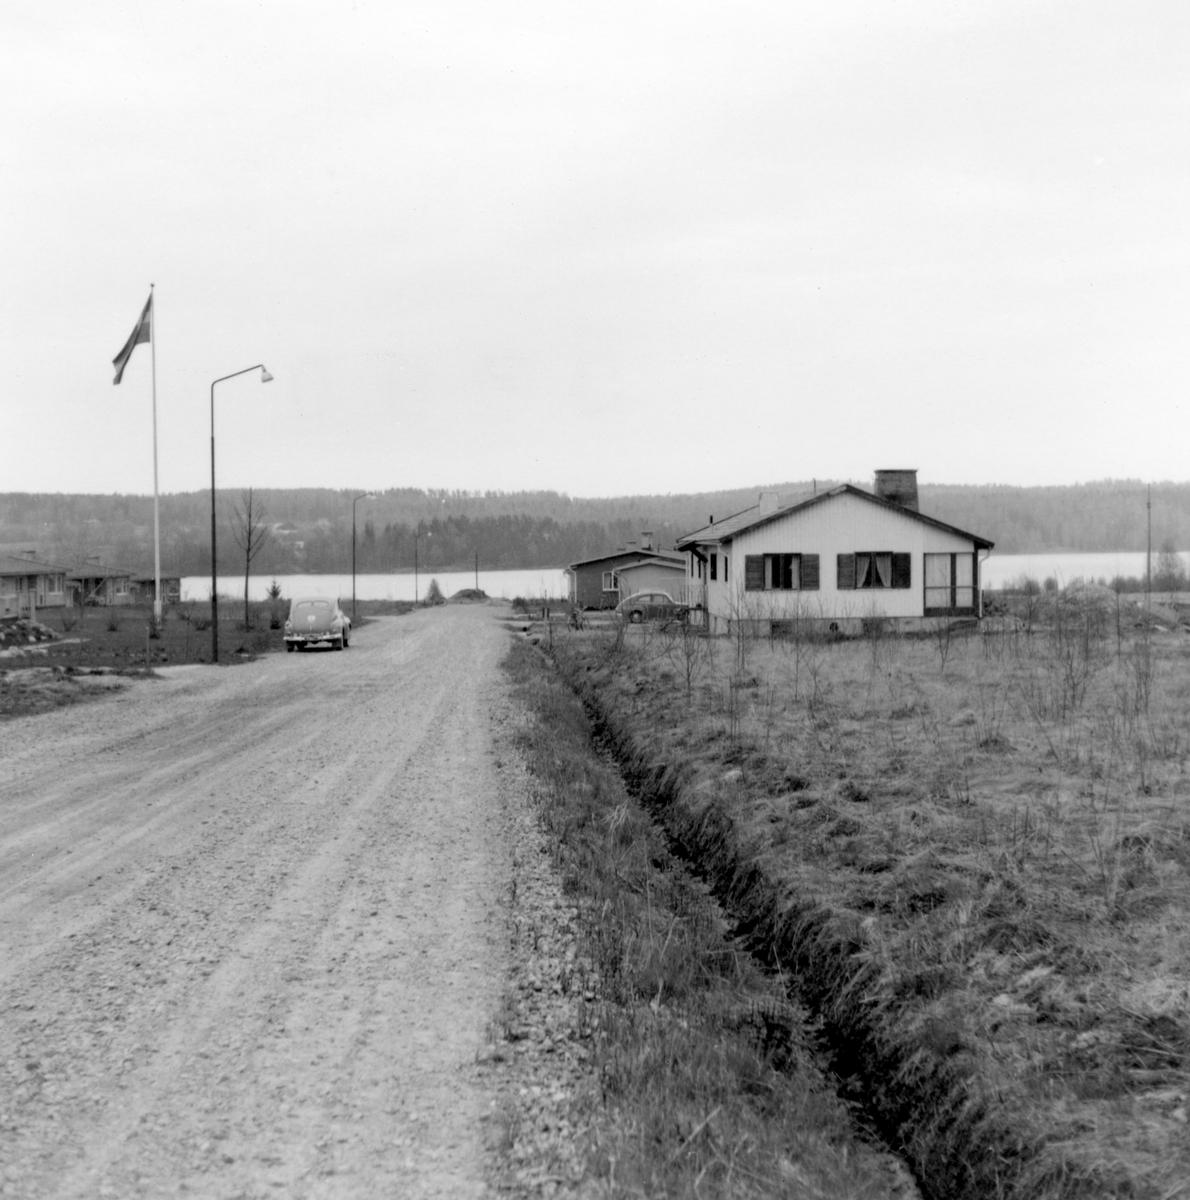 Någonstans i Värmland - från slutet av 1950-talet: Sunne. Lämna gärna en kommentar om du vet något om bilden.